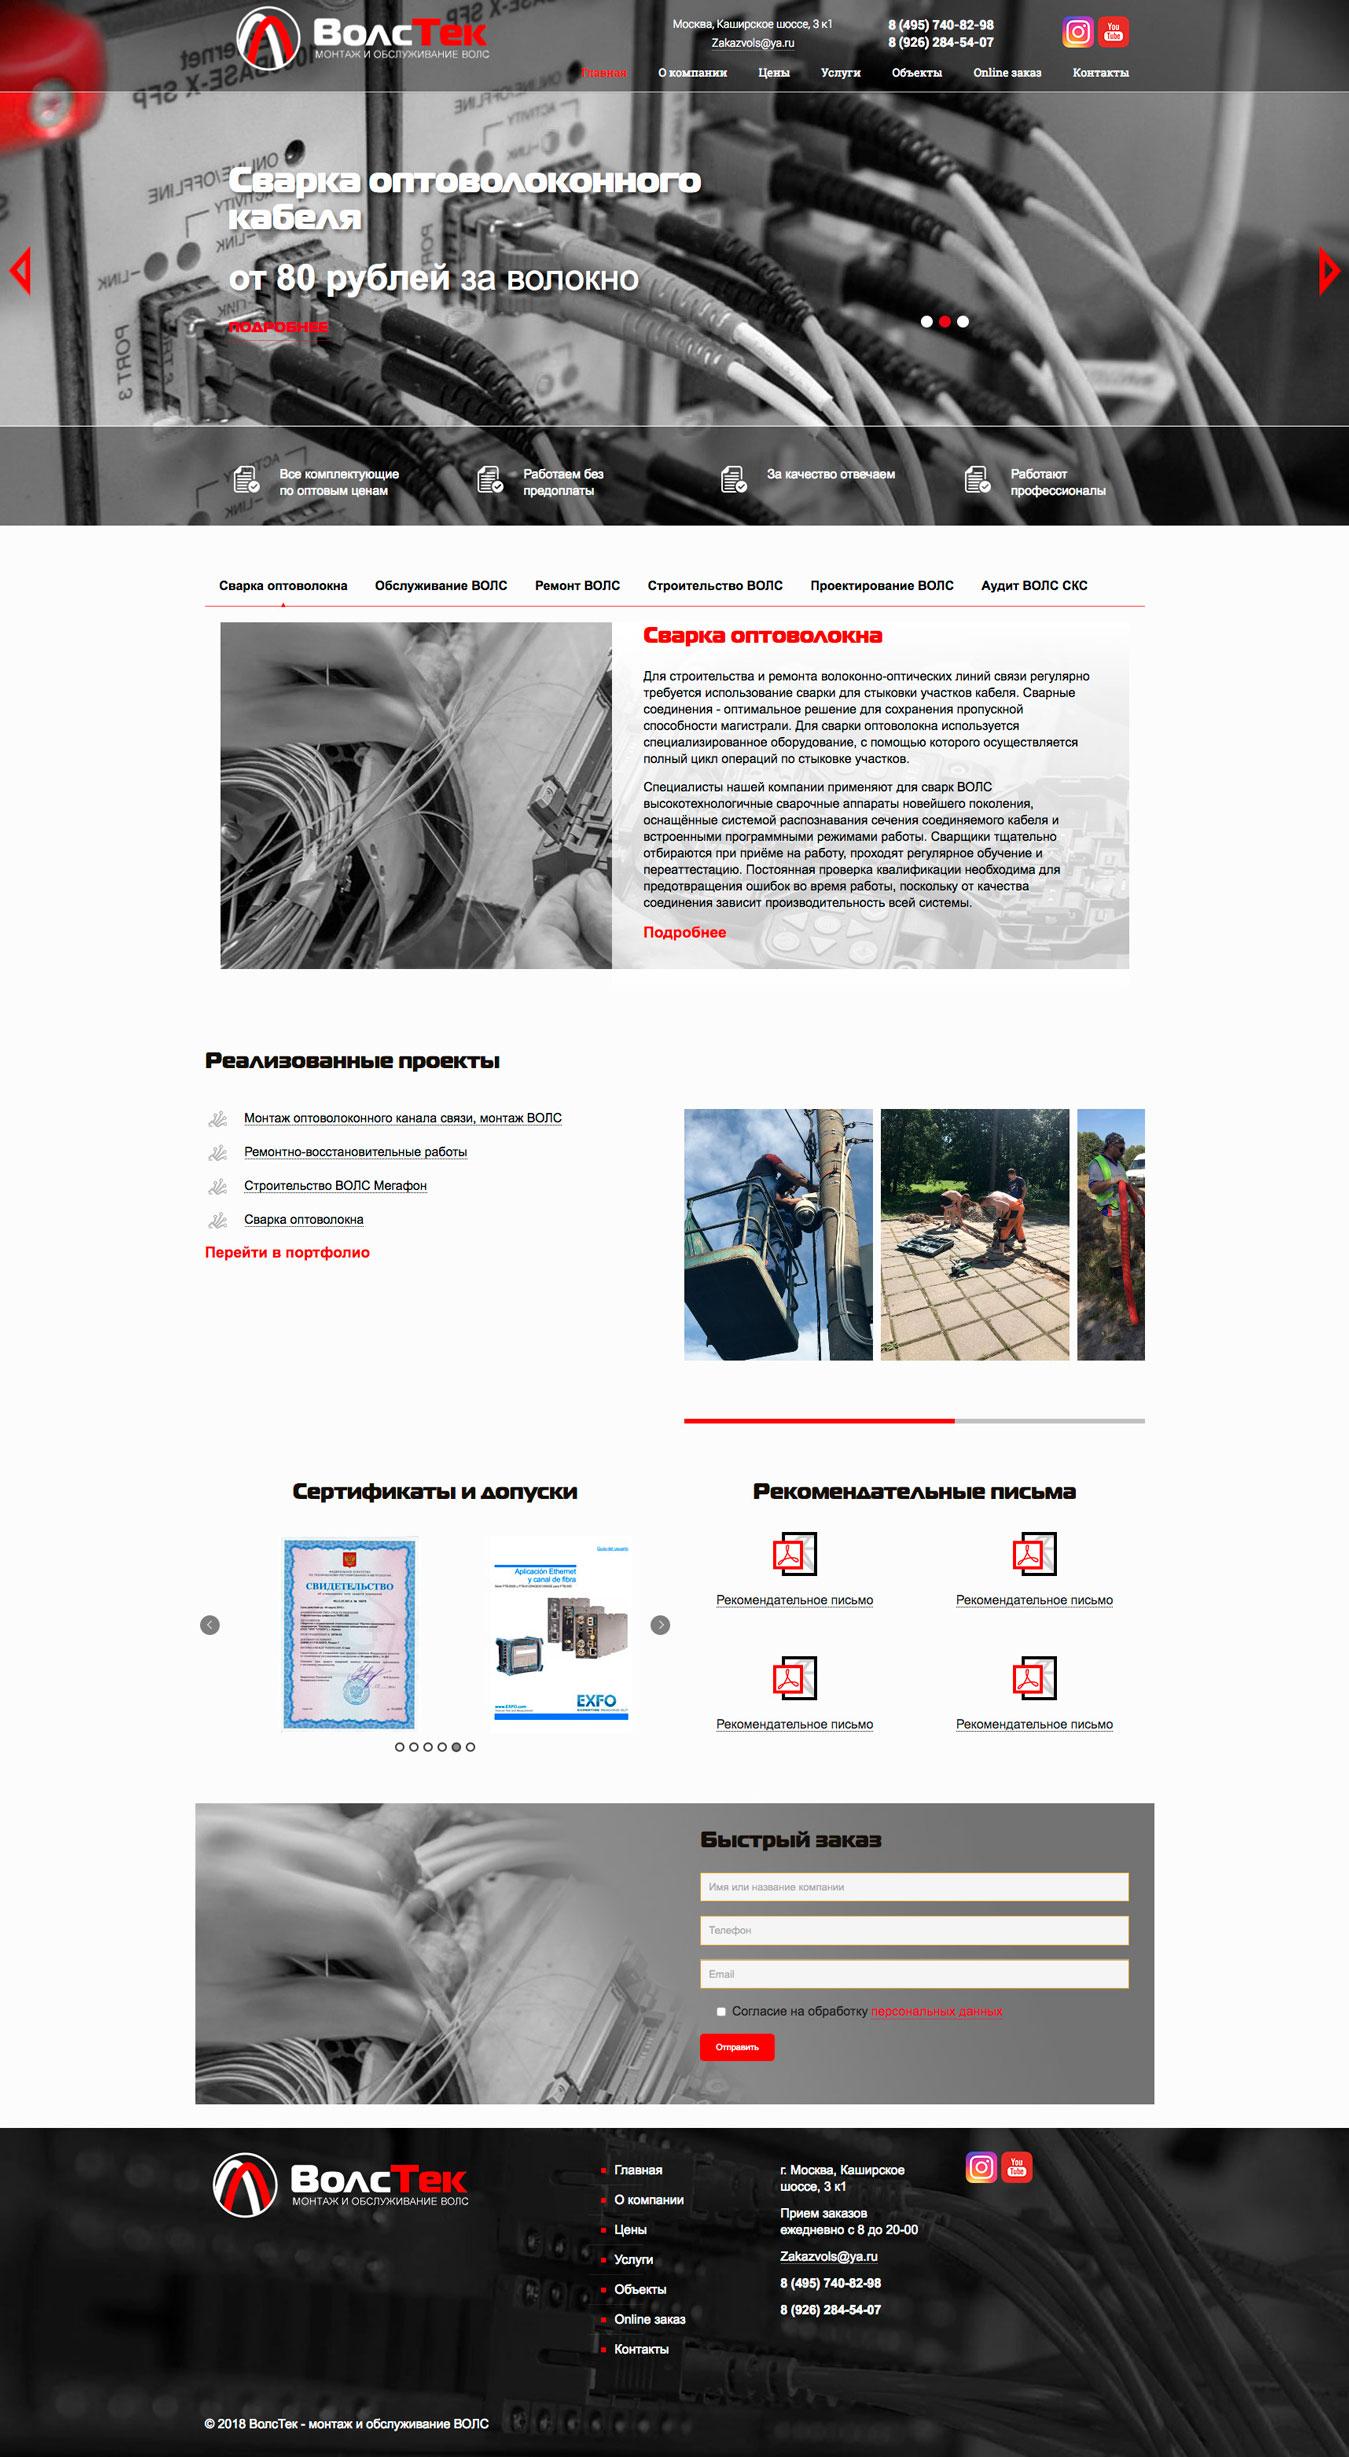 Сайт компании ВолсТек